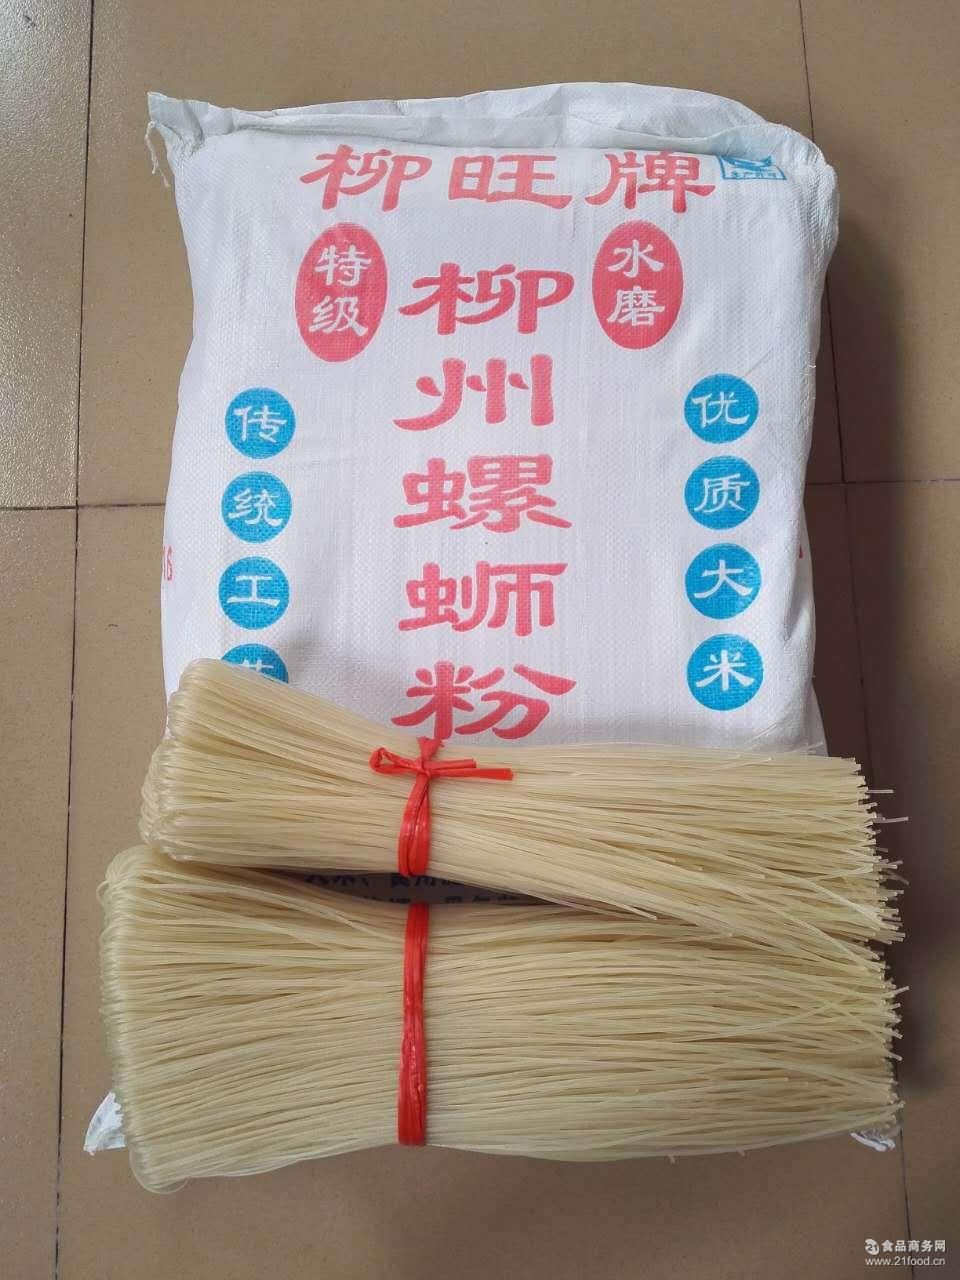 精制特级品干米粉 柳州螺蛳粉连锁店专用干米粉